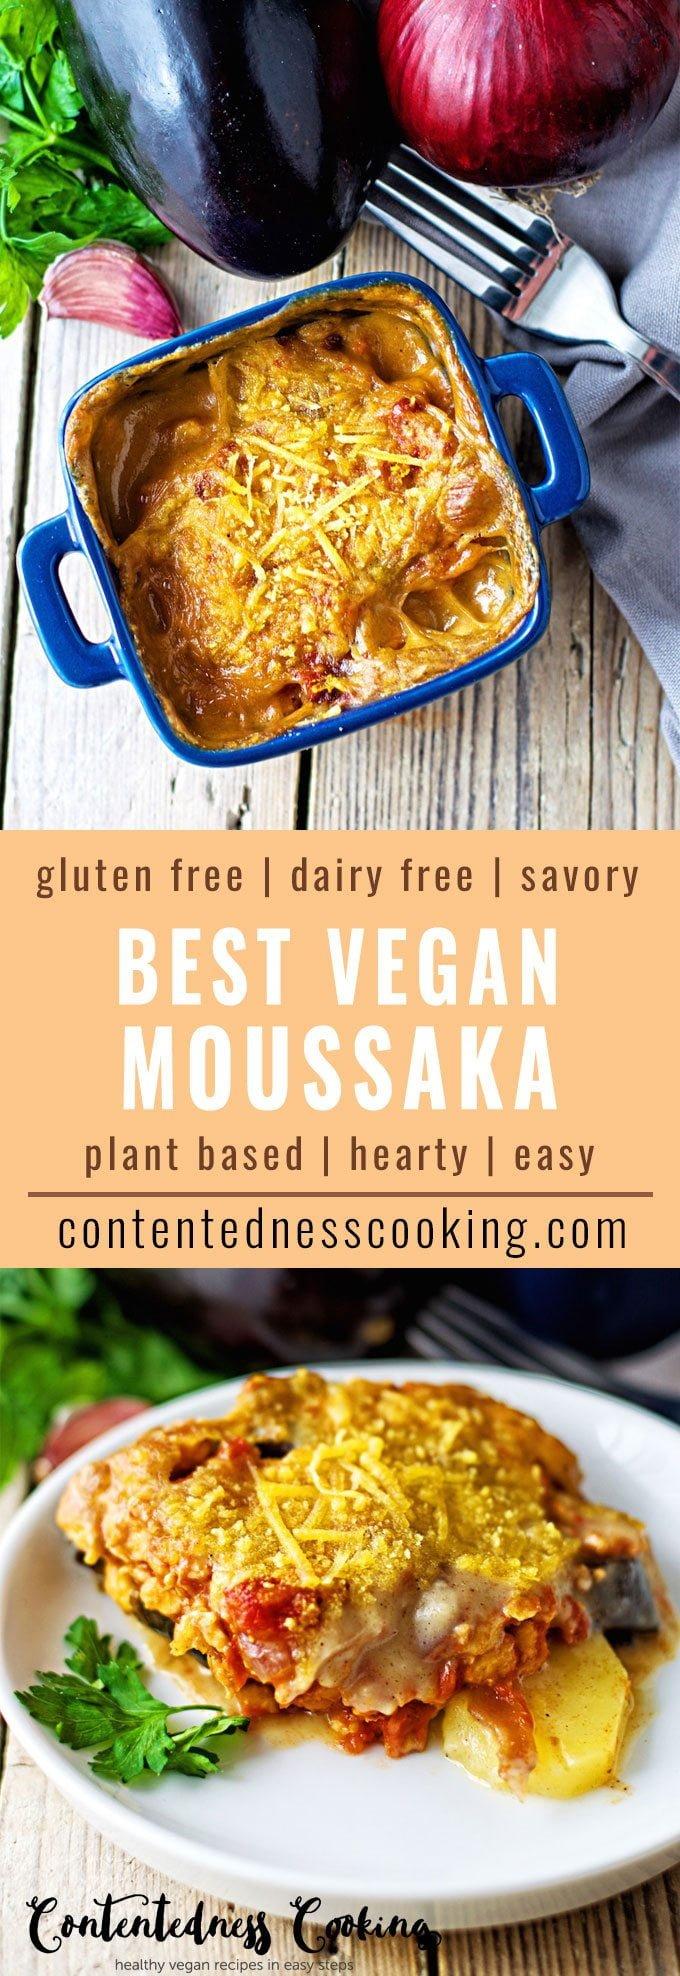 Best Vegan Moussaka   #vegan #glutenfree #contentednesscooking #plantbased #dairyfree